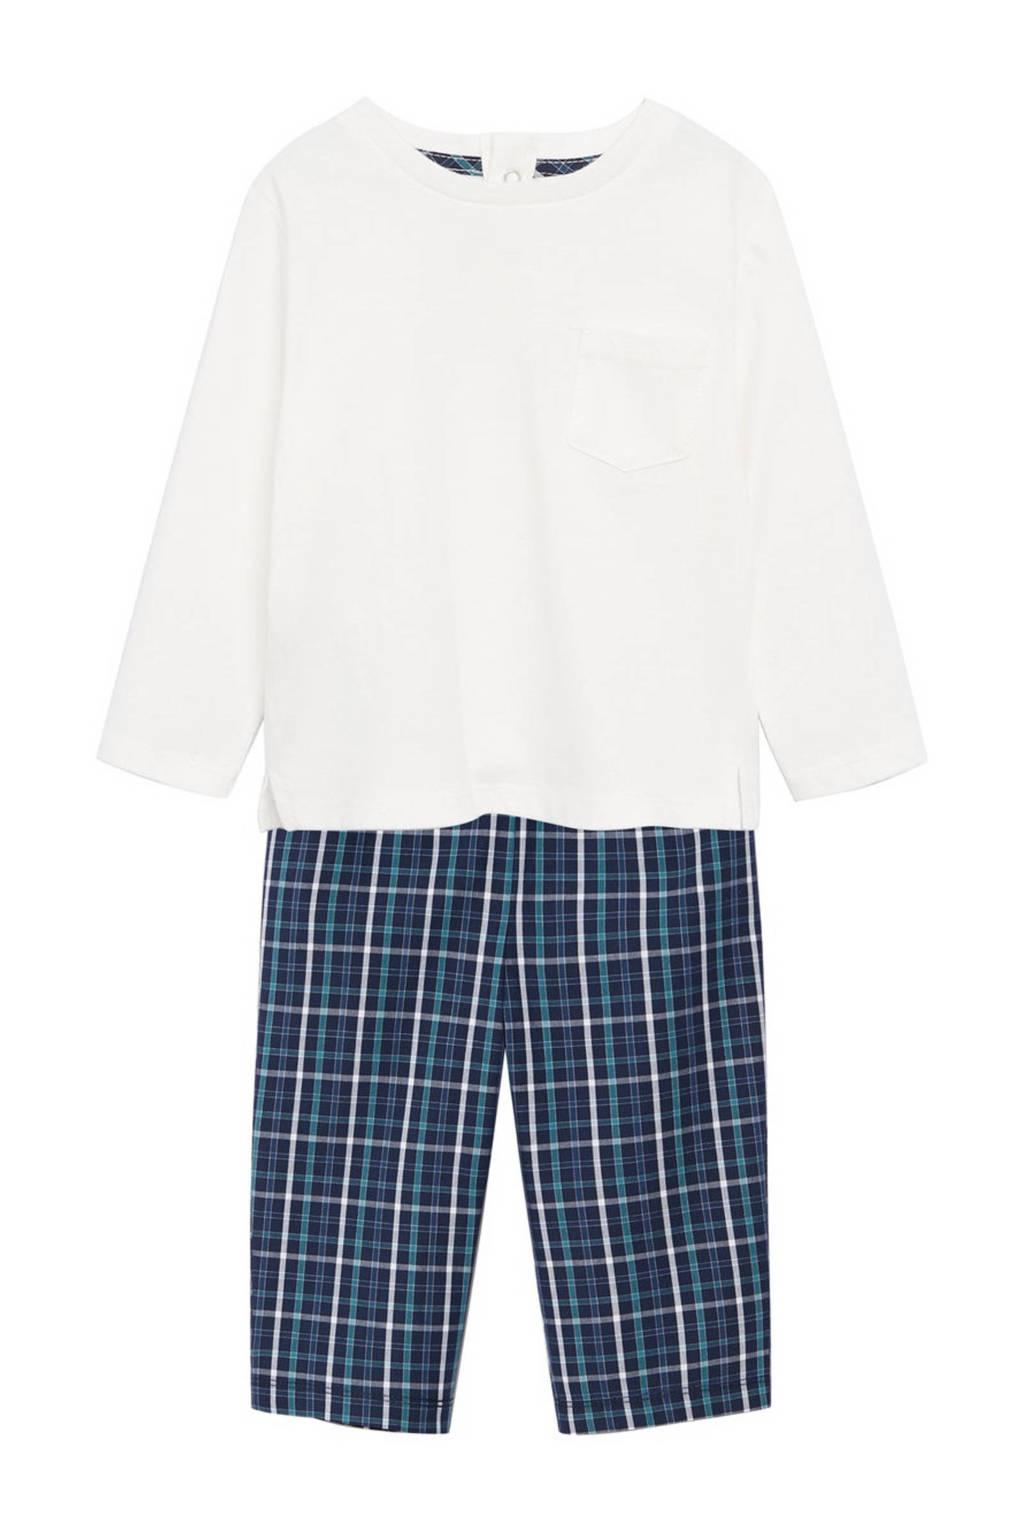 Mango Kids   pyjama wit/blauw, Donkerblauw/wit